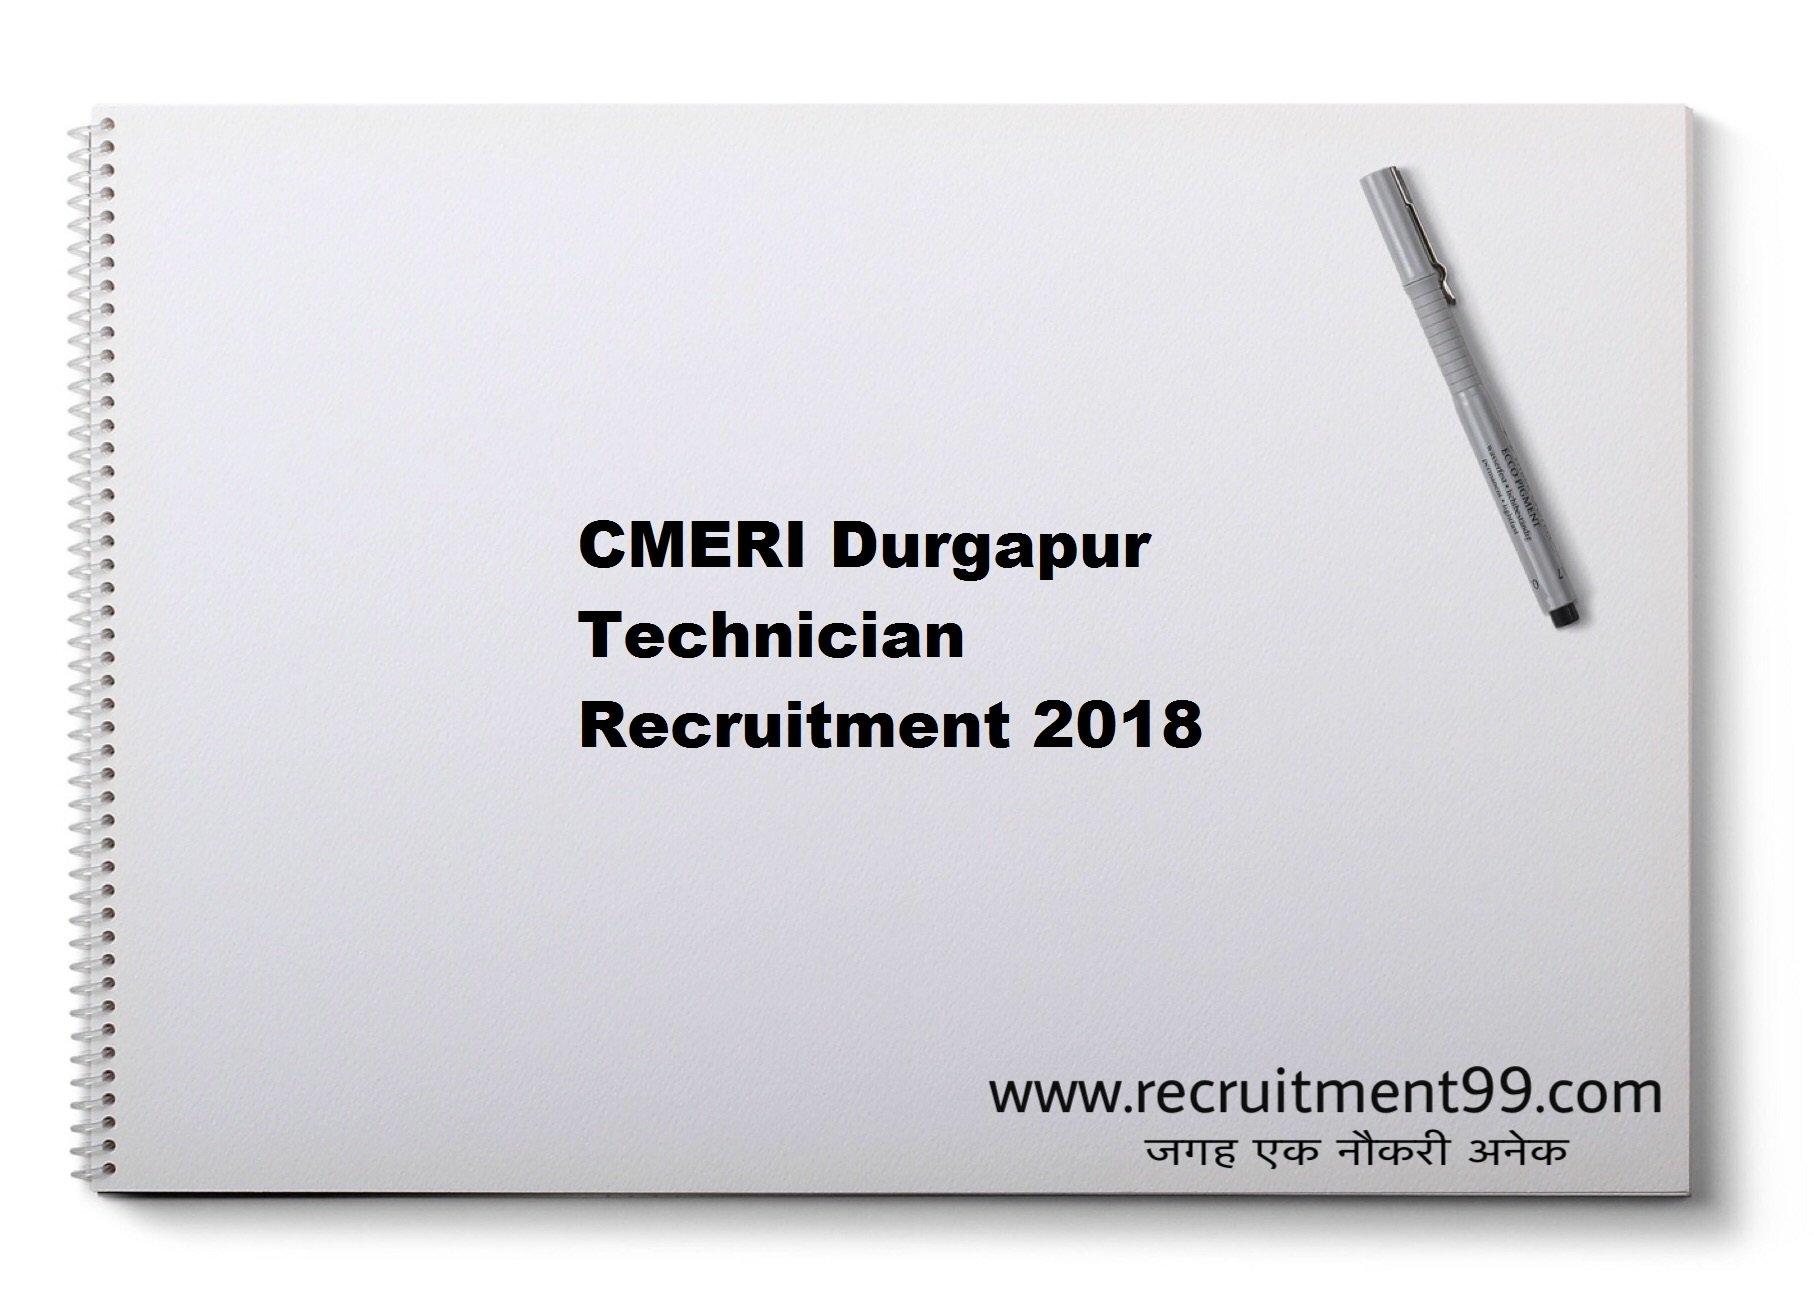 CMERI Durgapur Technician Recruitment Admit Card Result 2018